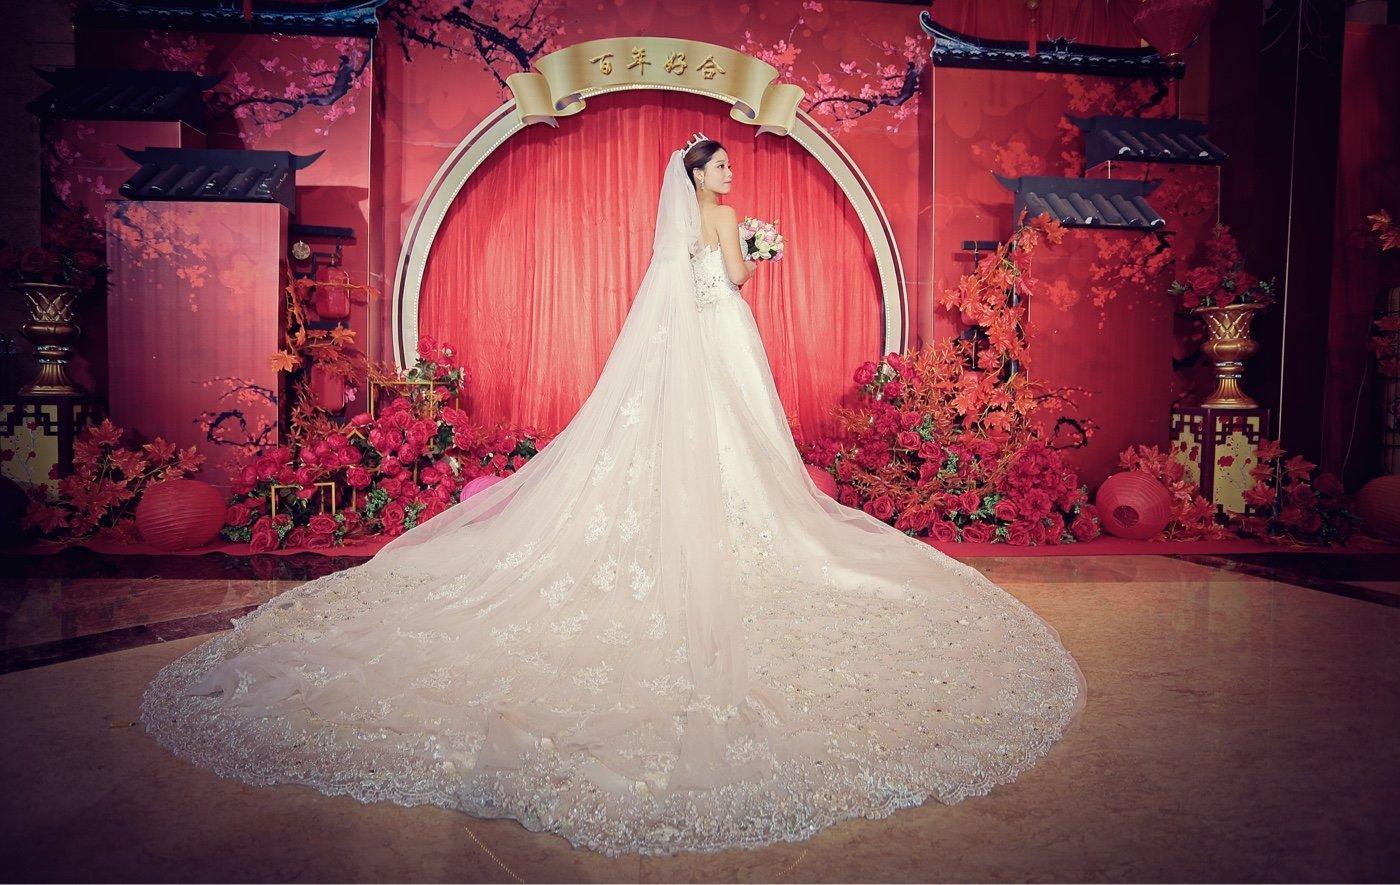 「Fantasy Wedding」&滨湖世纪金源酒店3